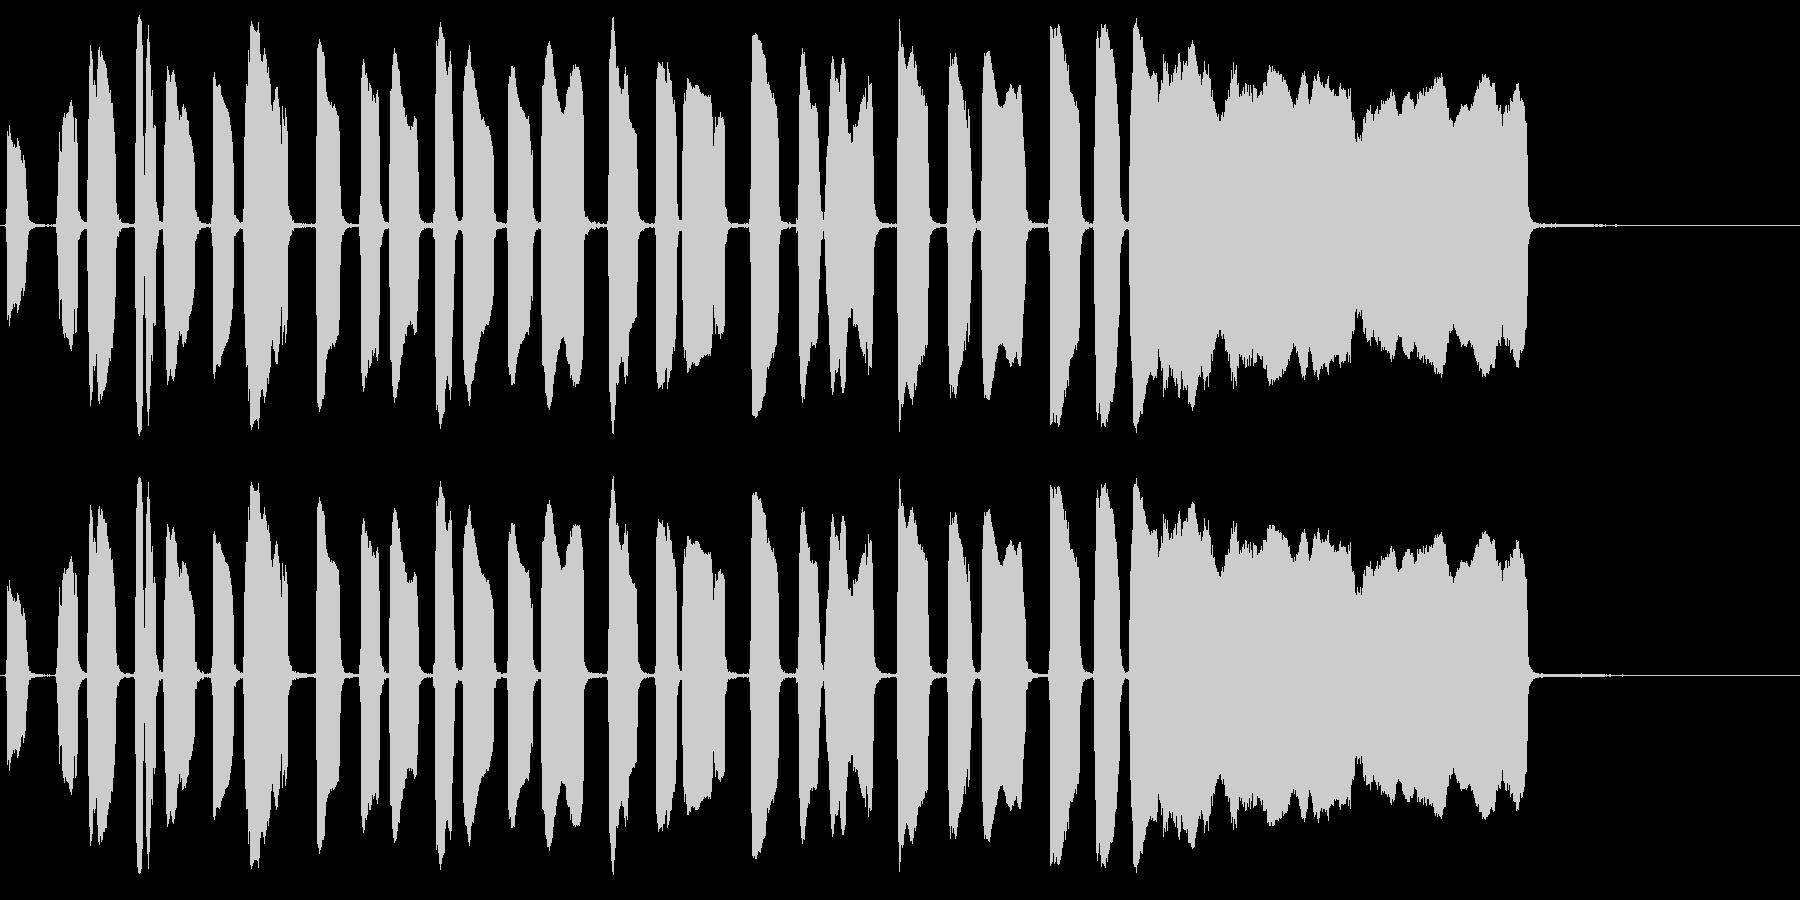 トランペット:コミカルスクワッキー...の未再生の波形